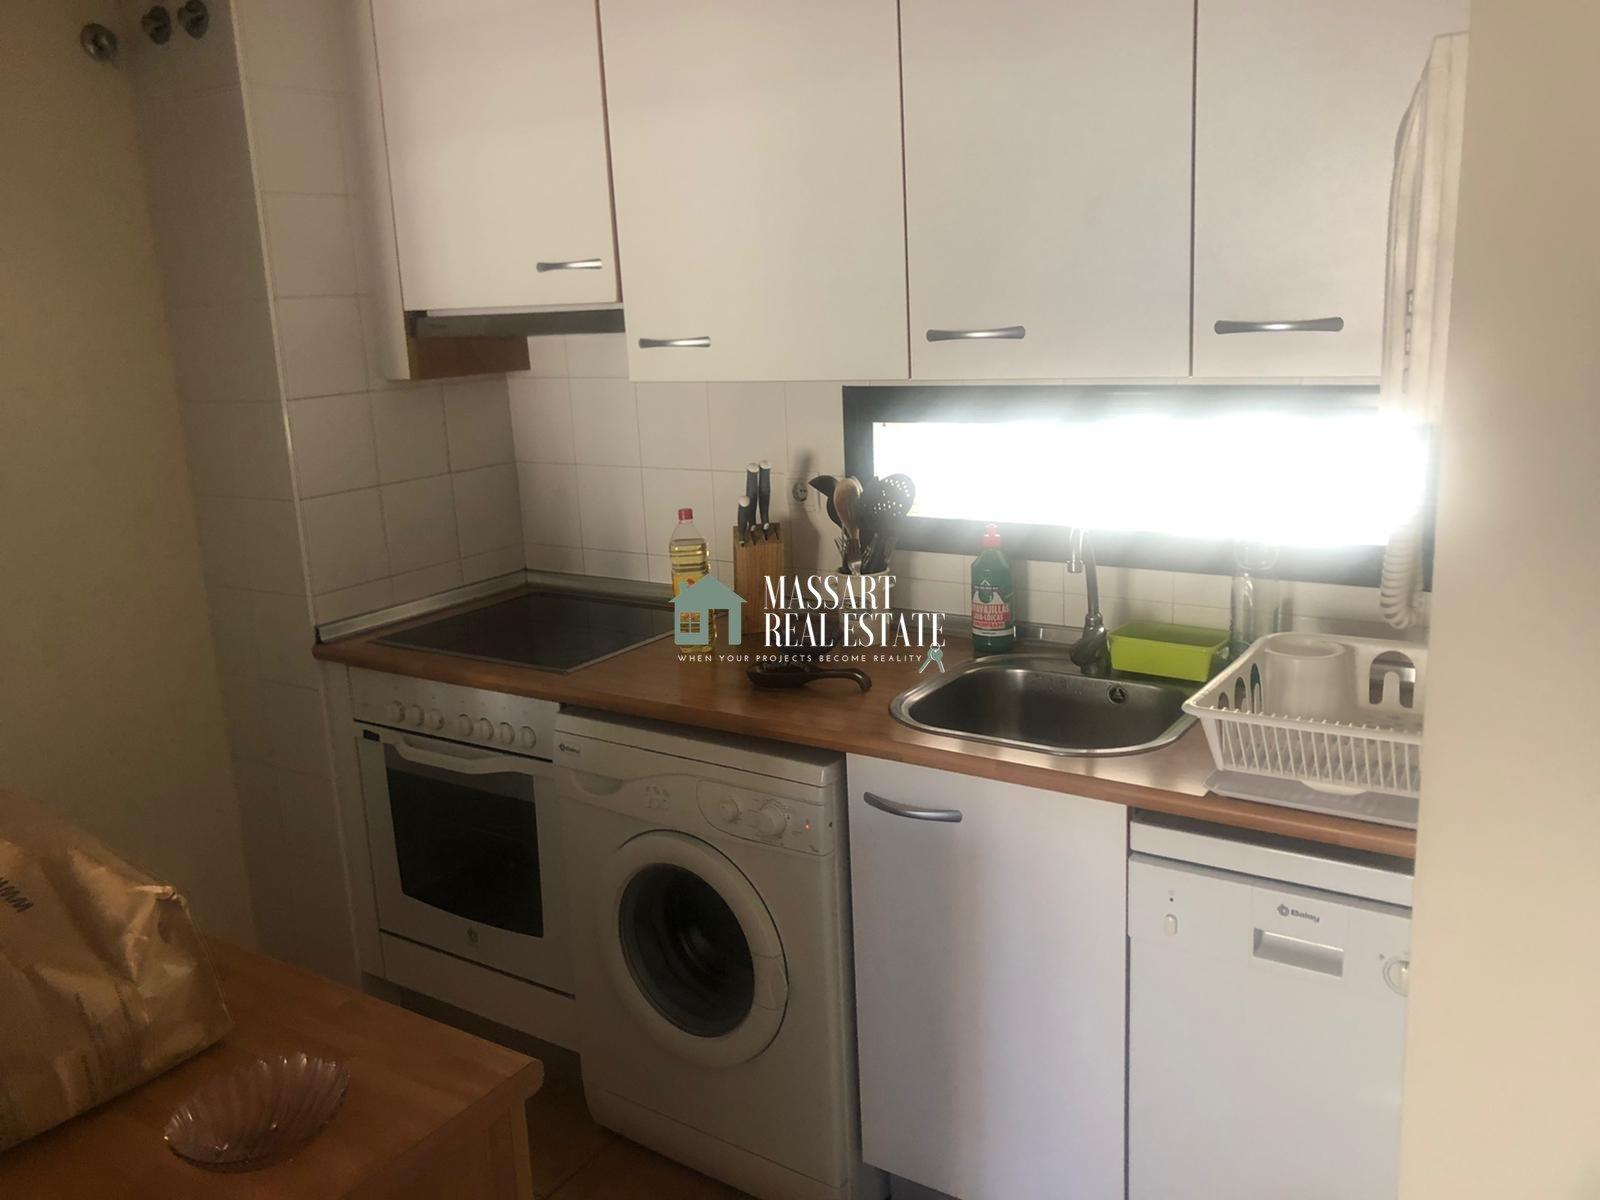 Zu vermieten in Playa Paraíso, in der Wohnanlage Paraíso I, voll möblierte 60 m2 große Wohnung.